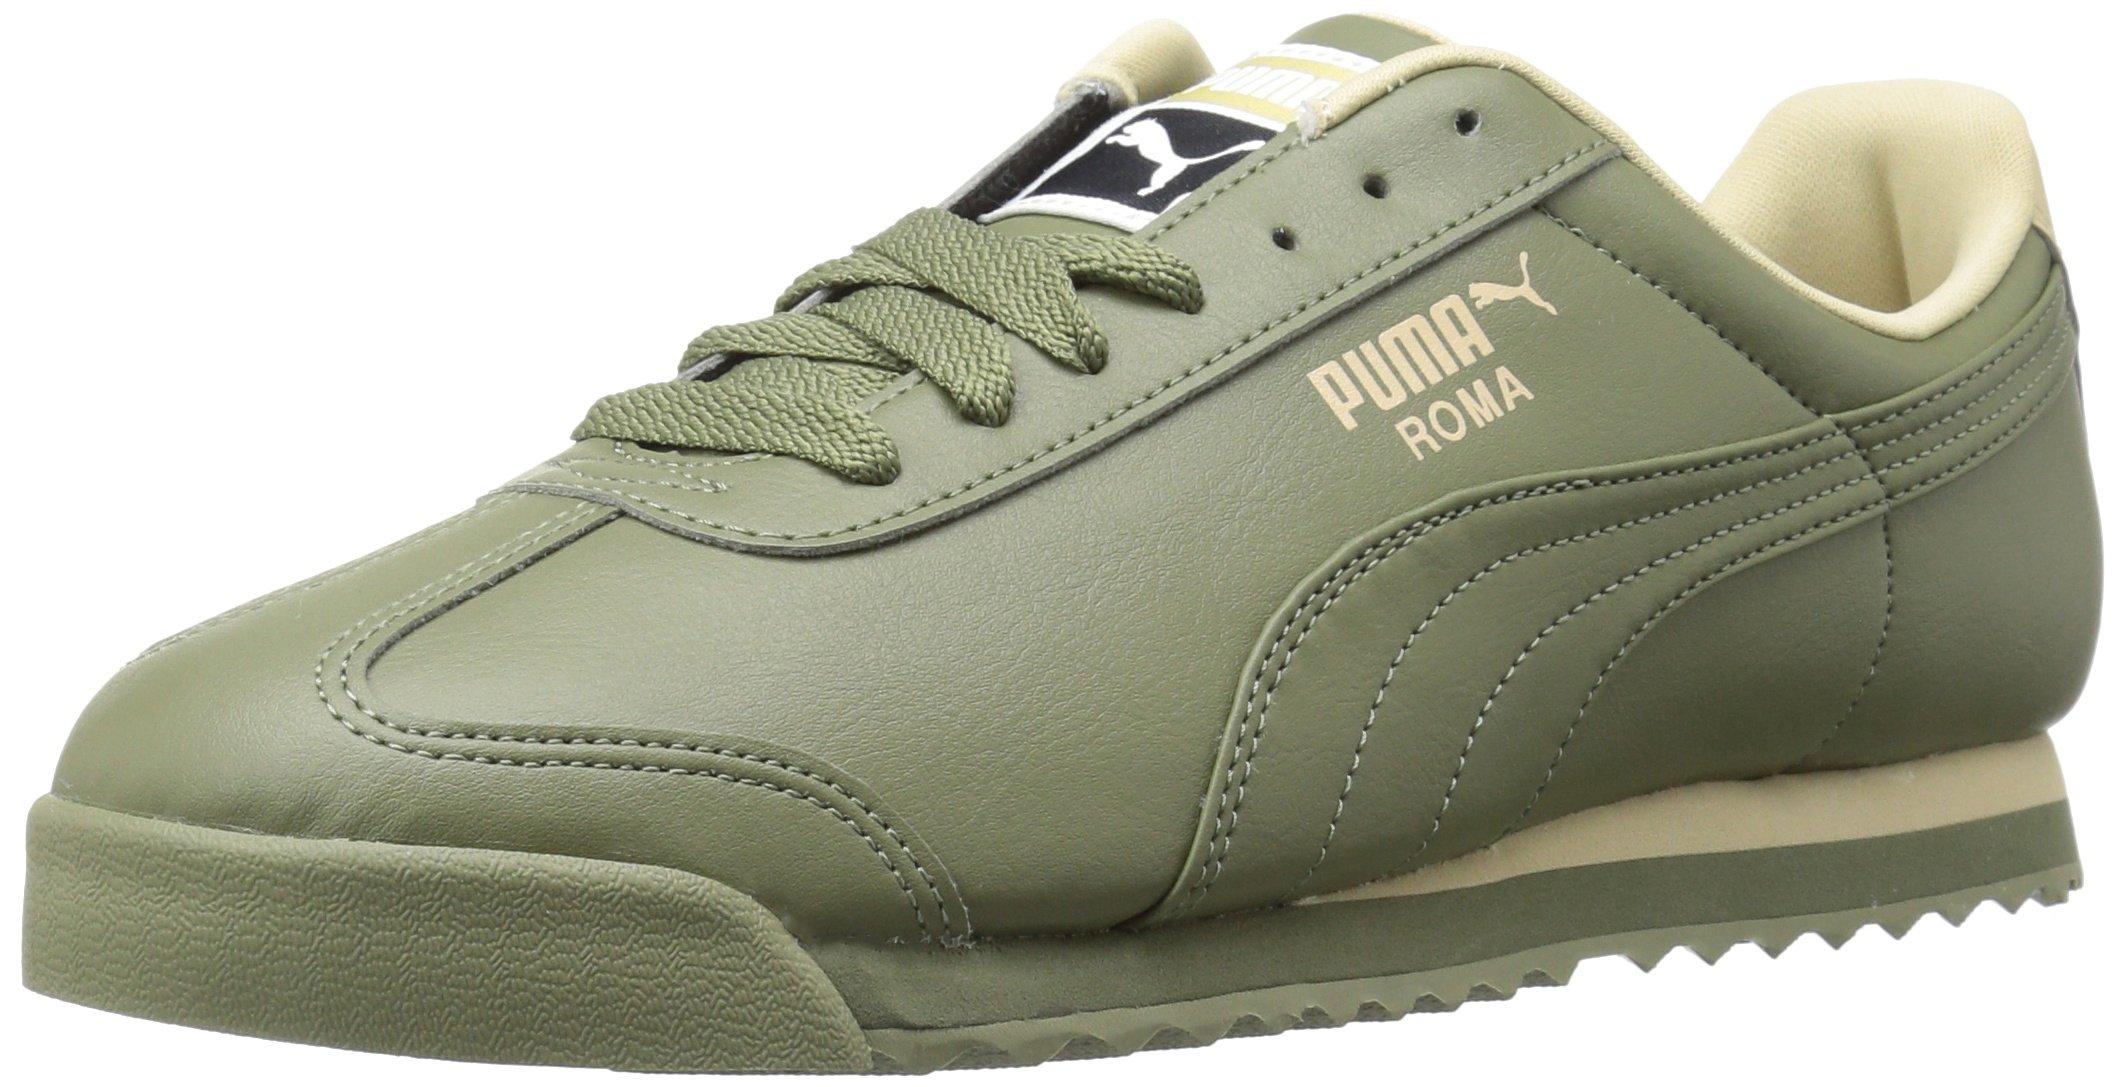 Galleon - PUMA Men s Roma Basic Sneaker Burnt Olive-Pale Khaki 12 M US d00019db3